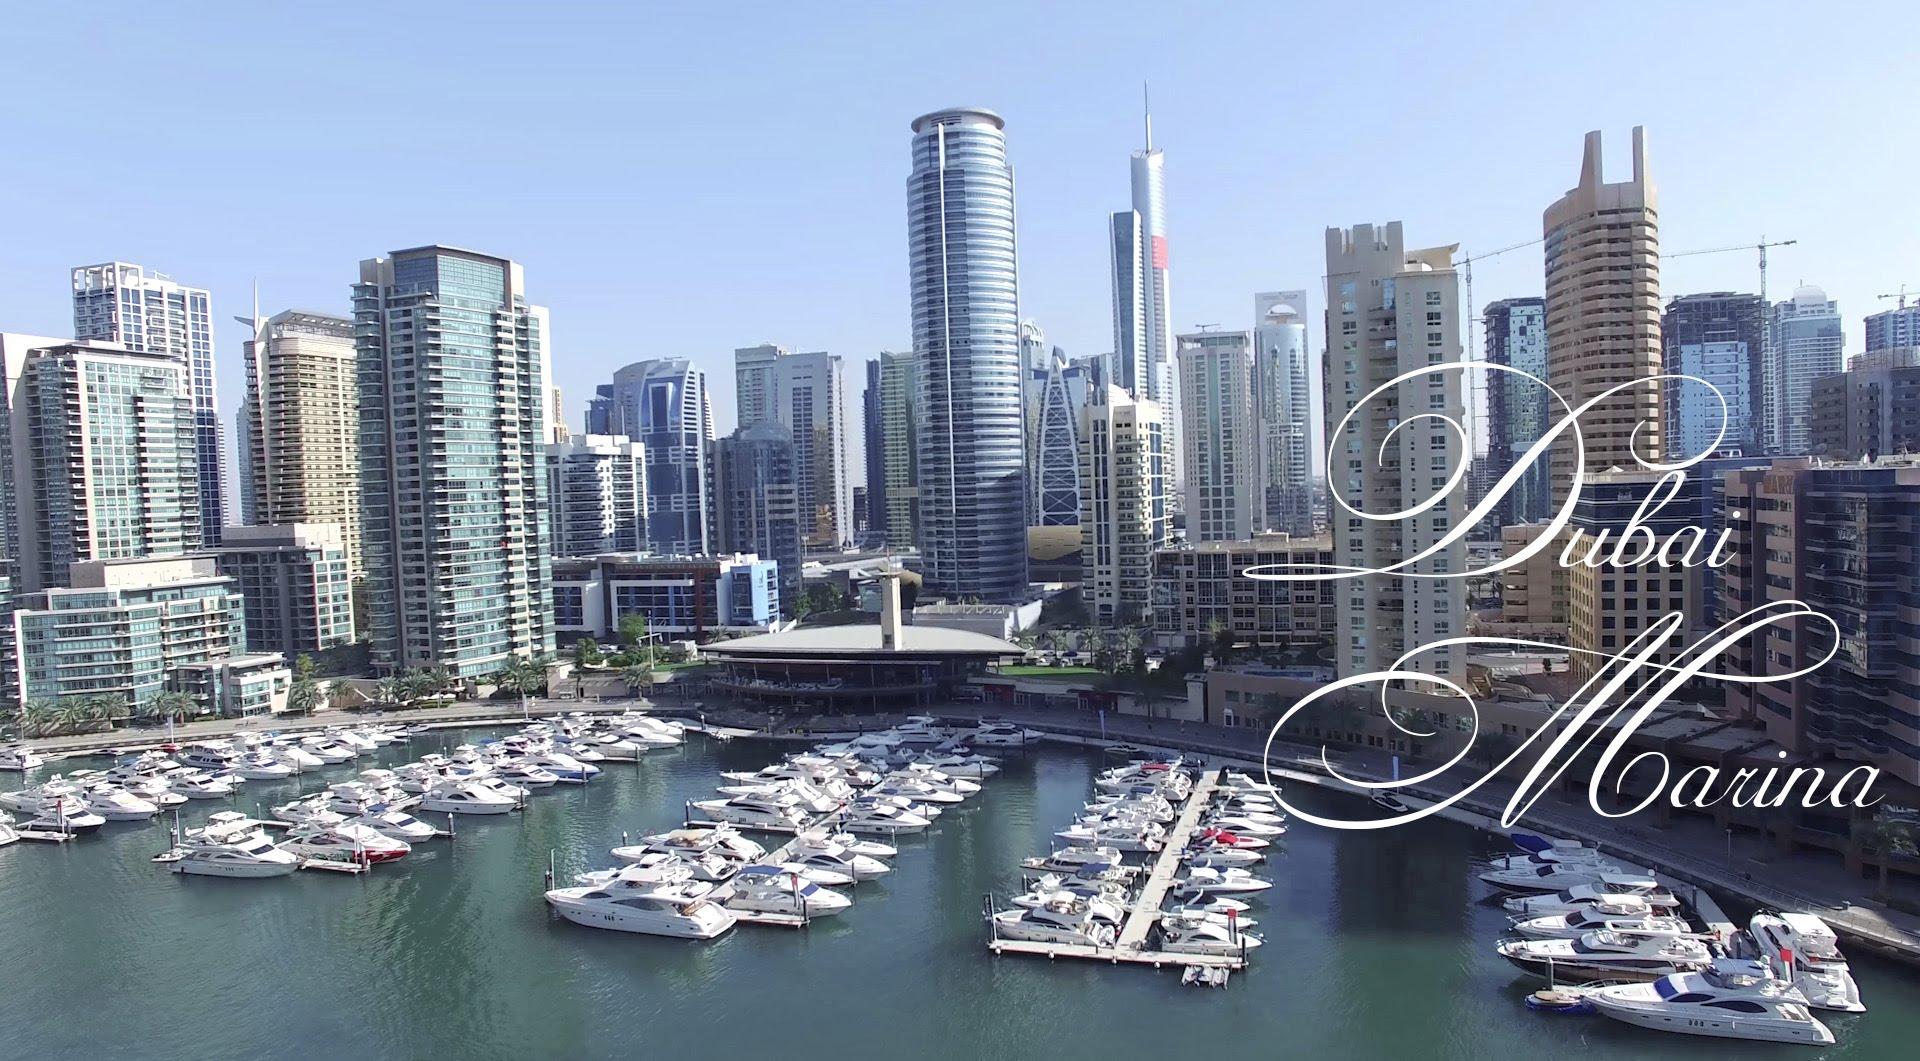 пристань яхт Дубай Марина